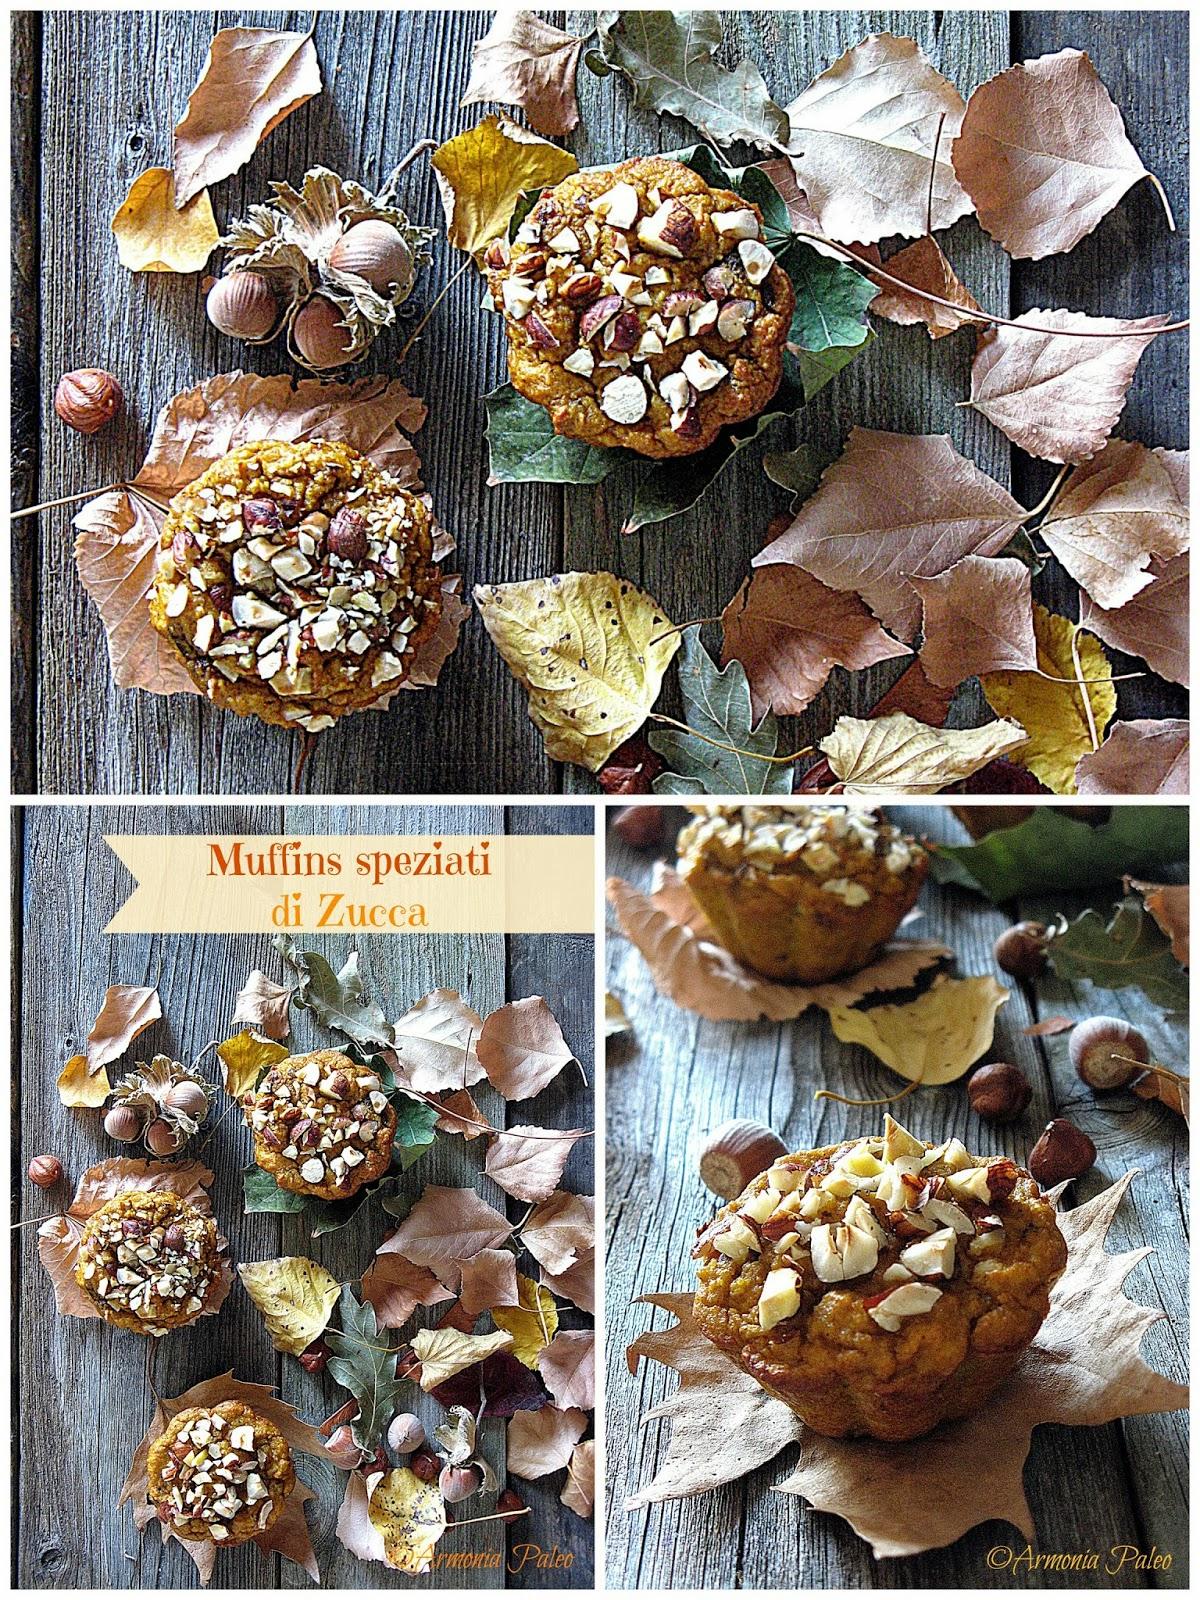 Muffins Speziati di Zucca di Armonia Paleo